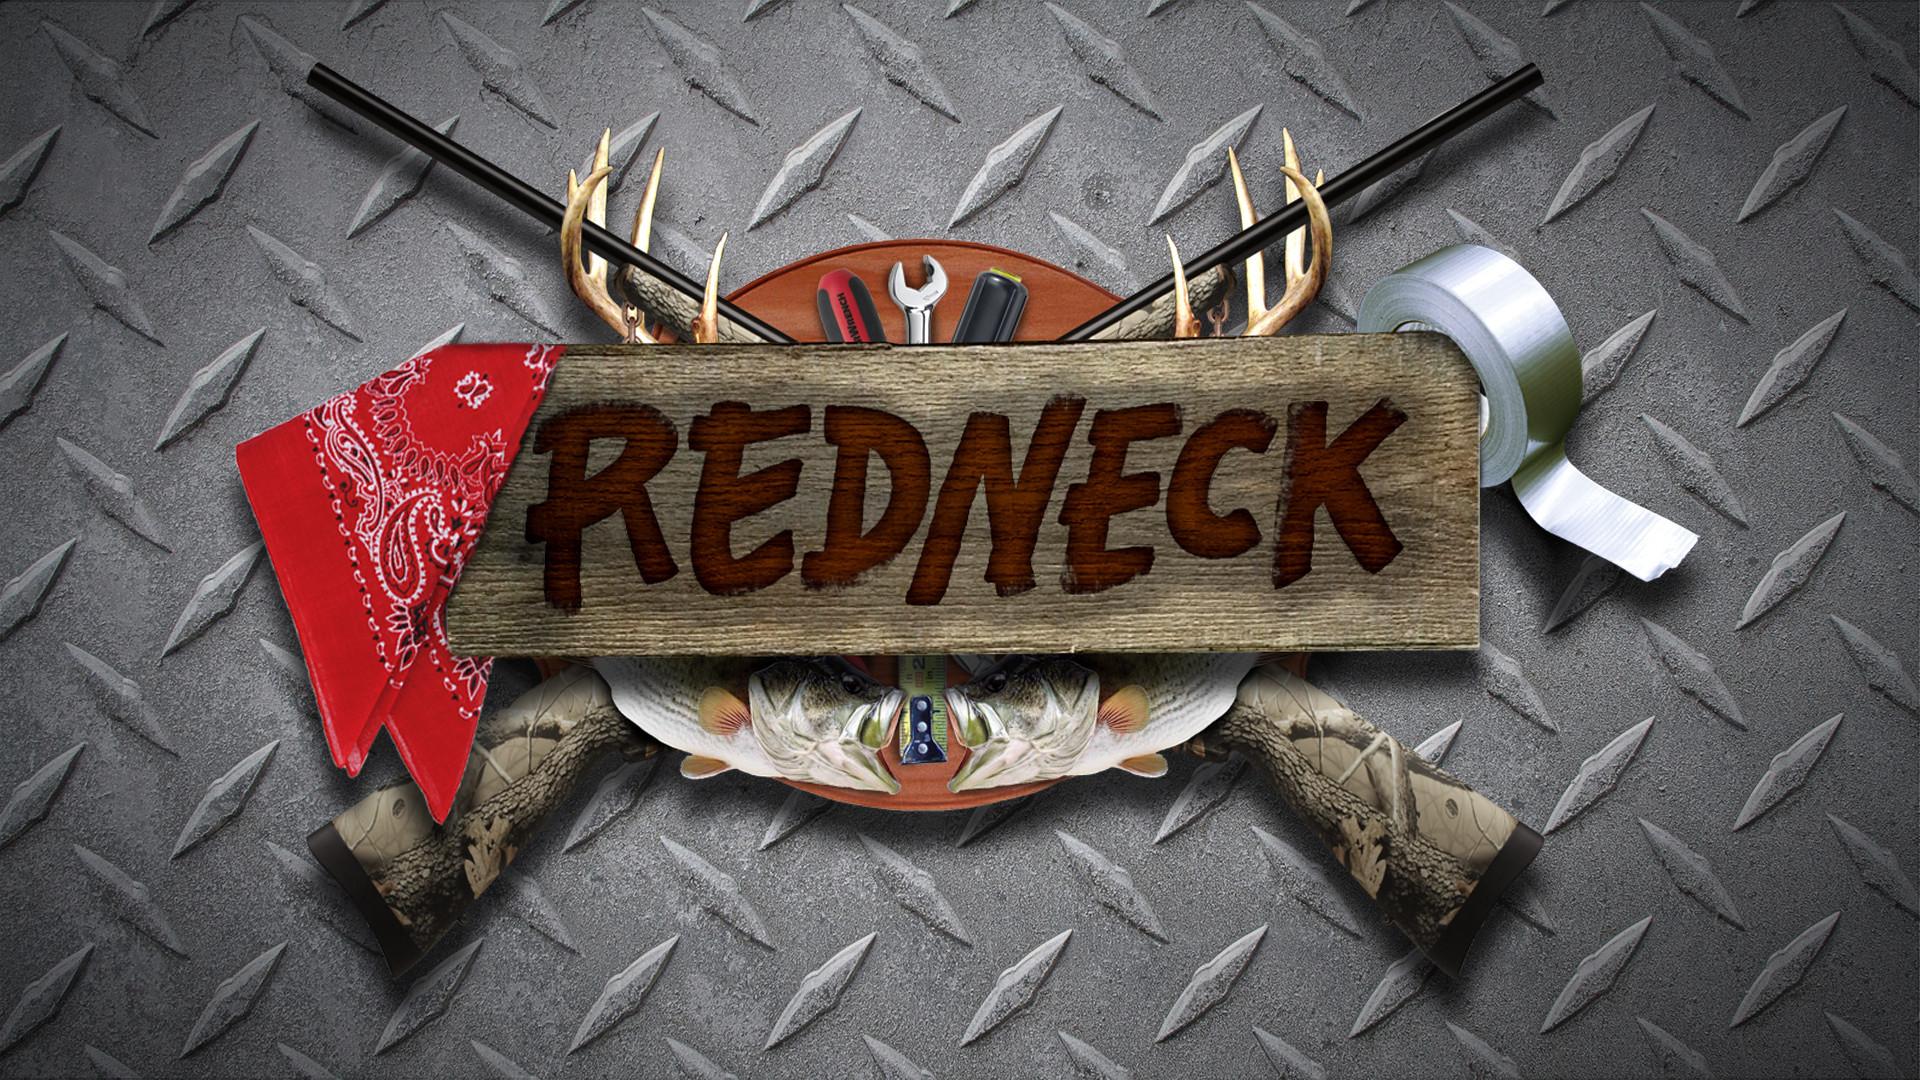 Hd Motorcycle Wallpaper Widescreen Redneck Wallpaper 48 Images